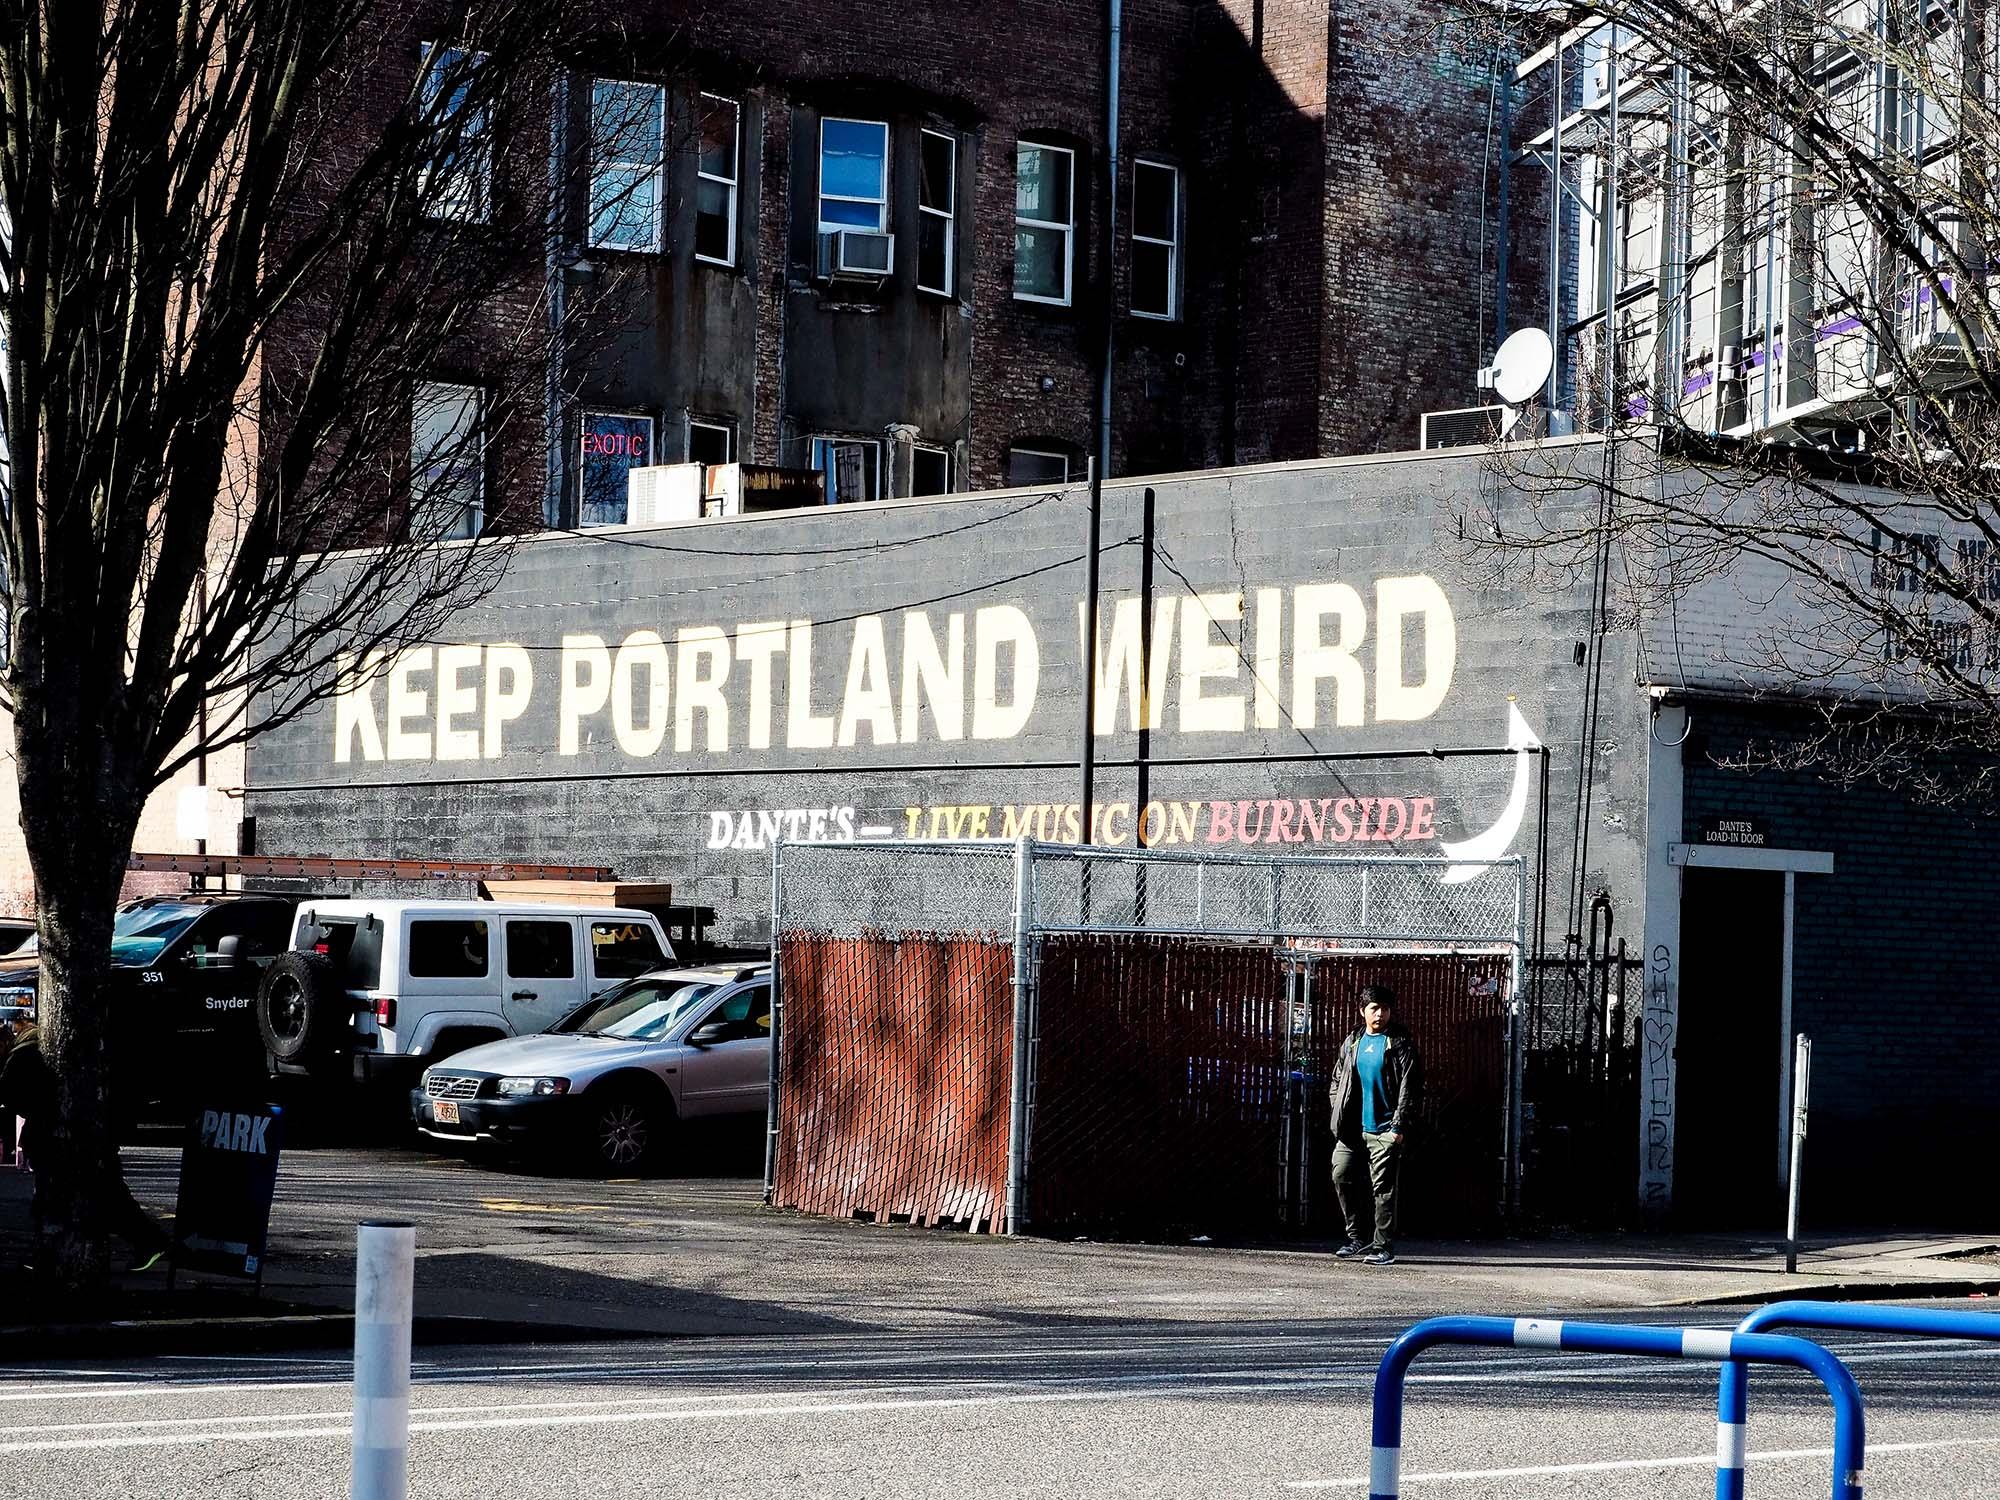 keep_portland_weird-78